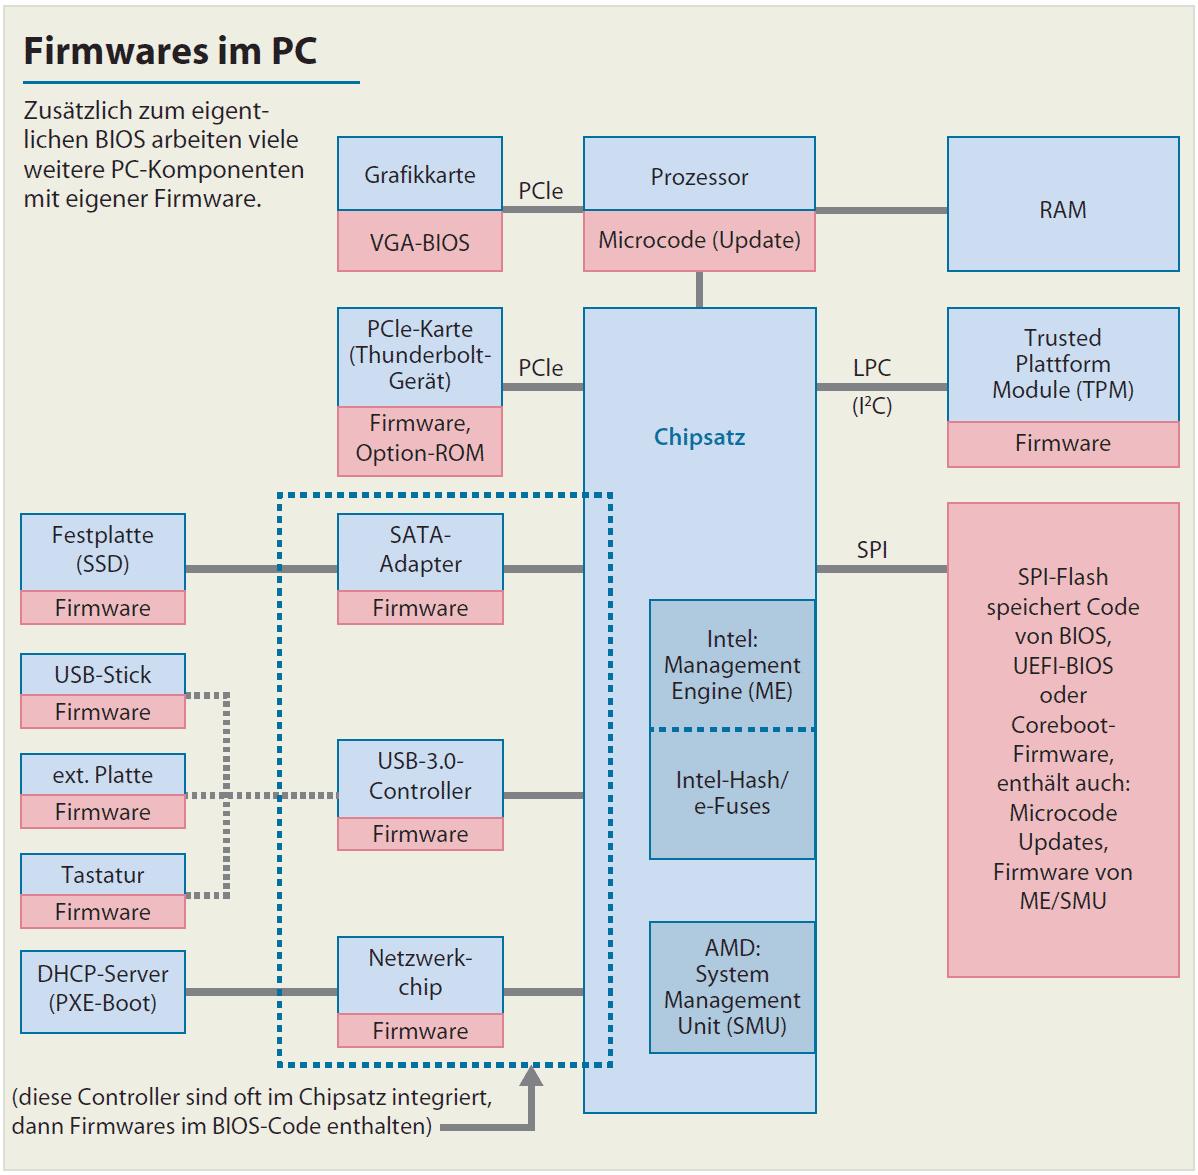 """Das BIOS-Image mit dem undokumentierten ME-Code-""""Blob"""" ist bei Weitem nicht die einzige proprietäre Firmware in PCs."""